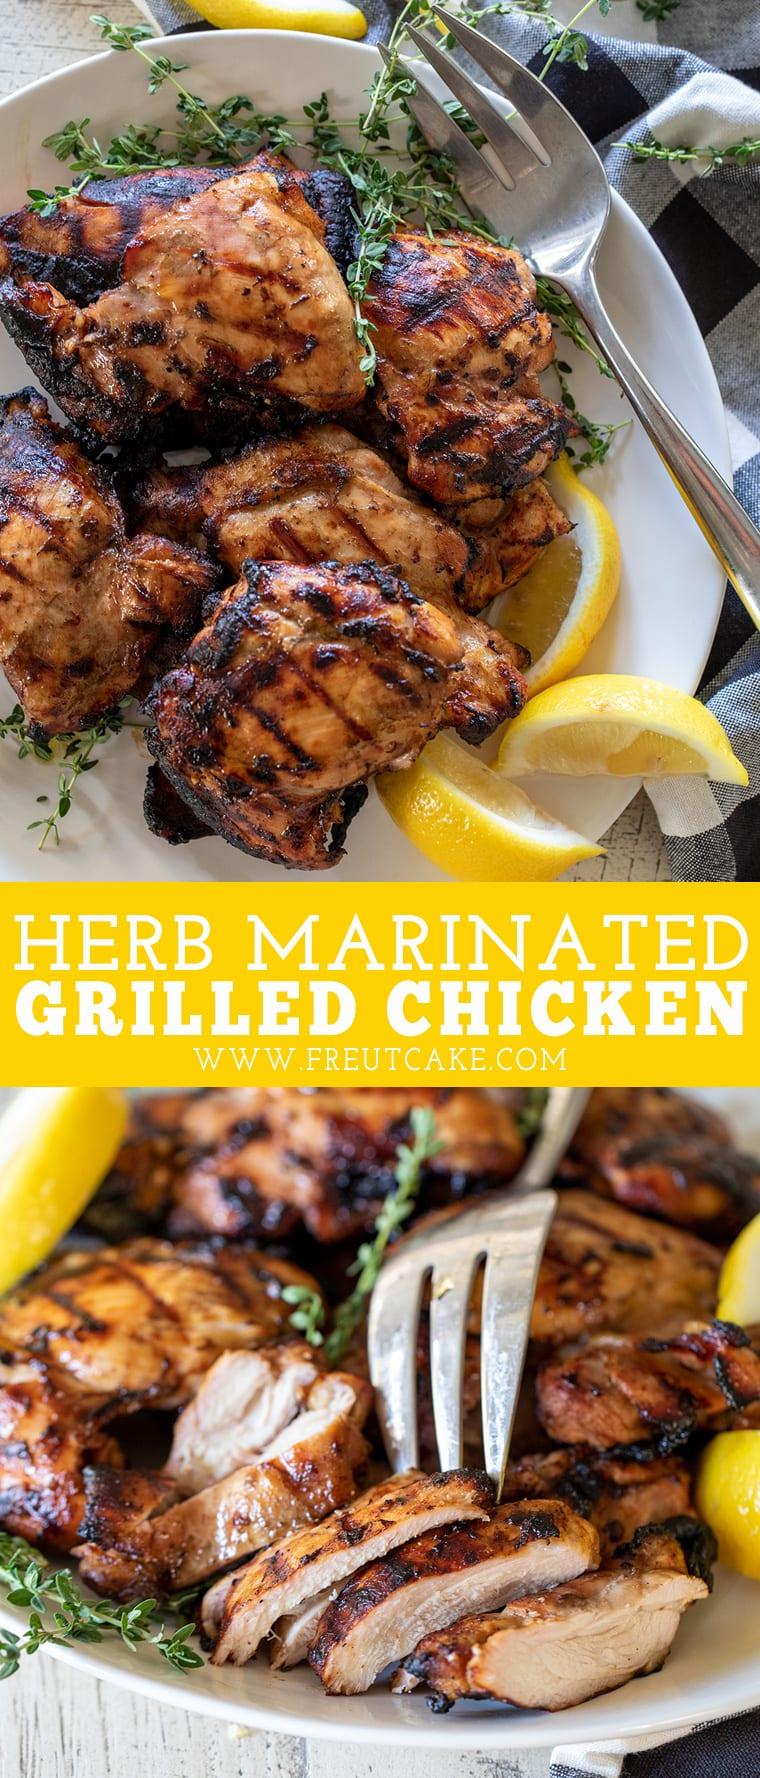 Grilled Herb Marinated Chicken